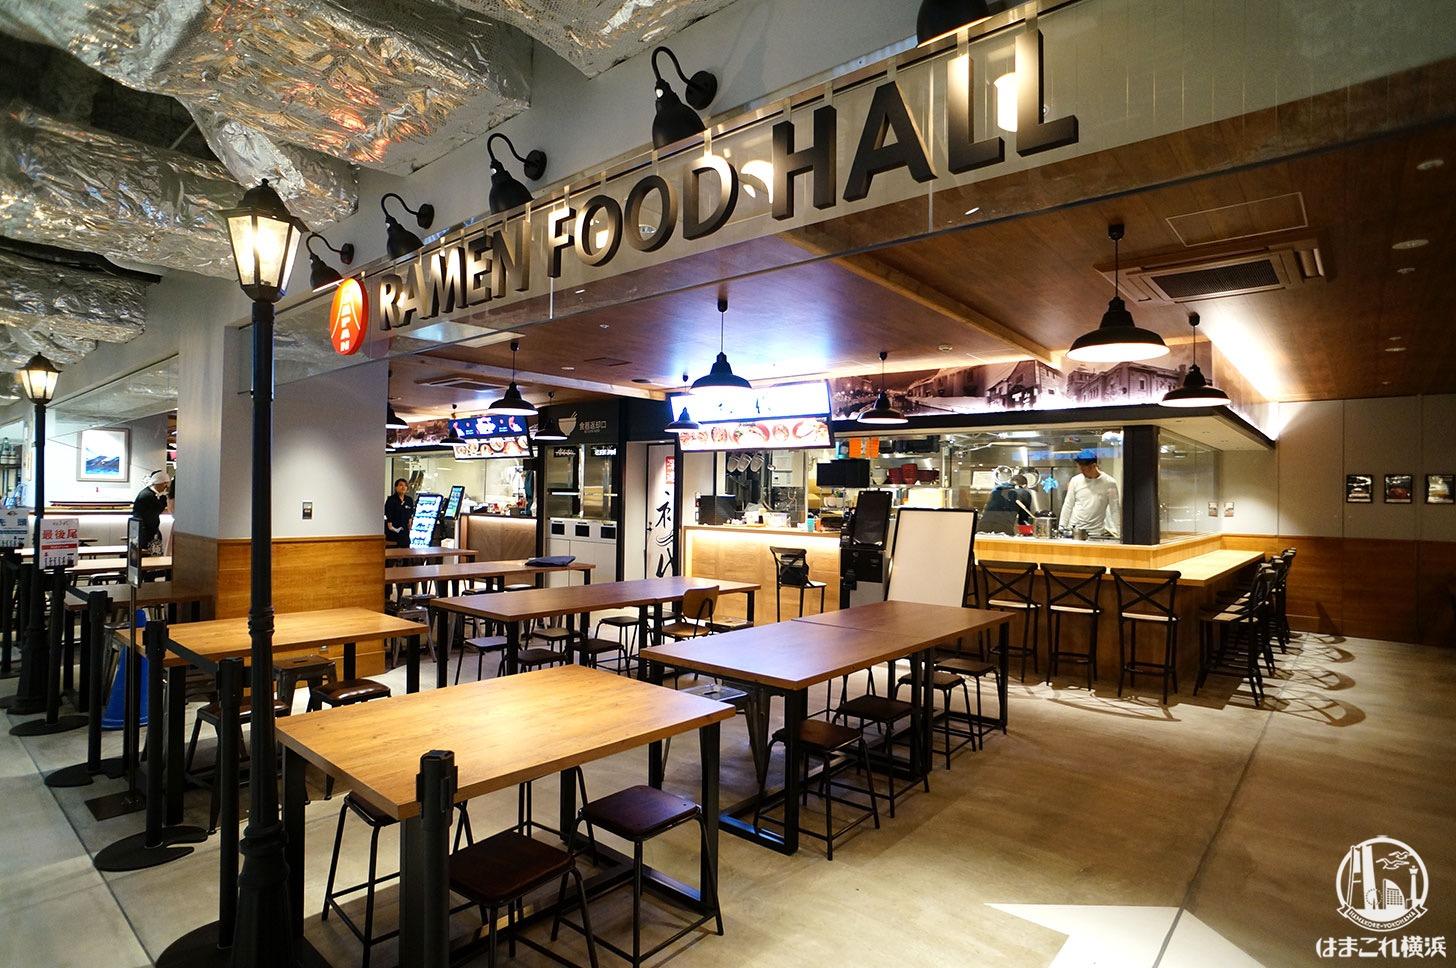 横浜ハンマーヘッドのラーメン店「ジャパンラーメンフードホール」は全部で5店舗出店!